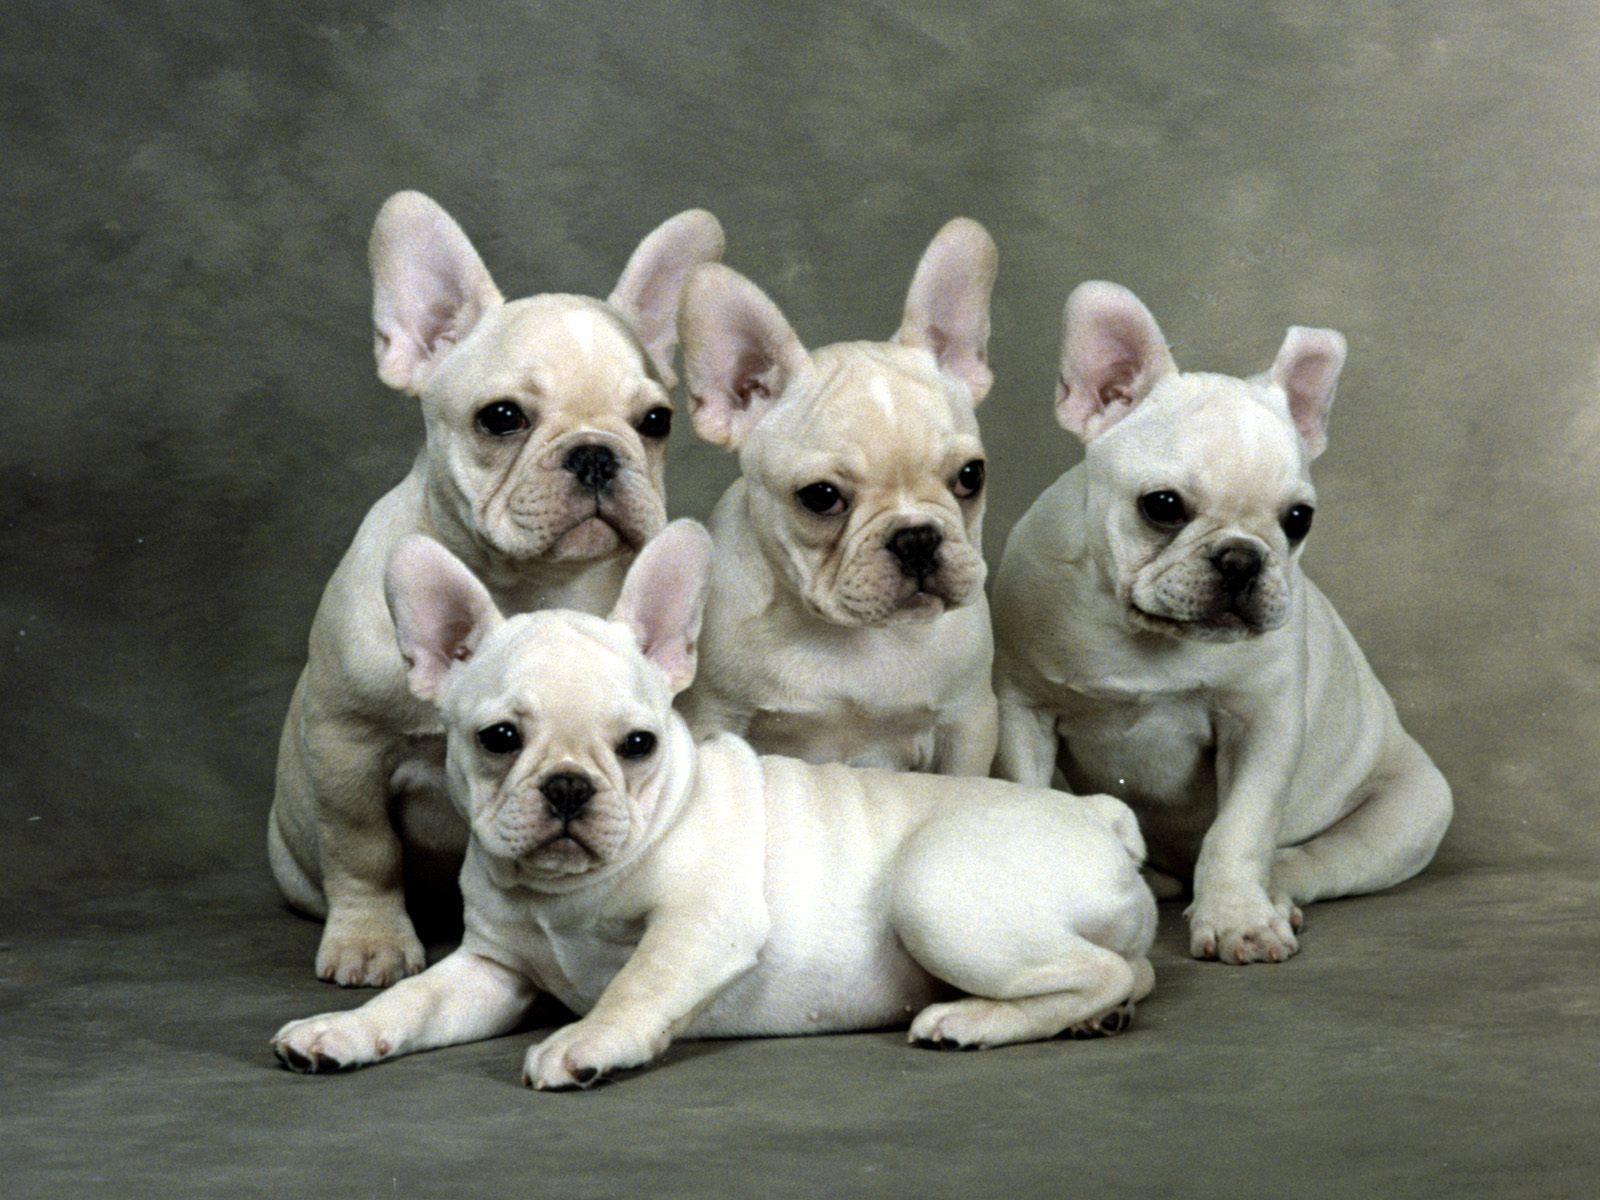 http://1.bp.blogspot.com/-3GlRg7bzgzo/UJIXIHeeyVI/AAAAAAAABIg/cPY794R3wMg/s1600/Puppies+Pictures+2.jpg